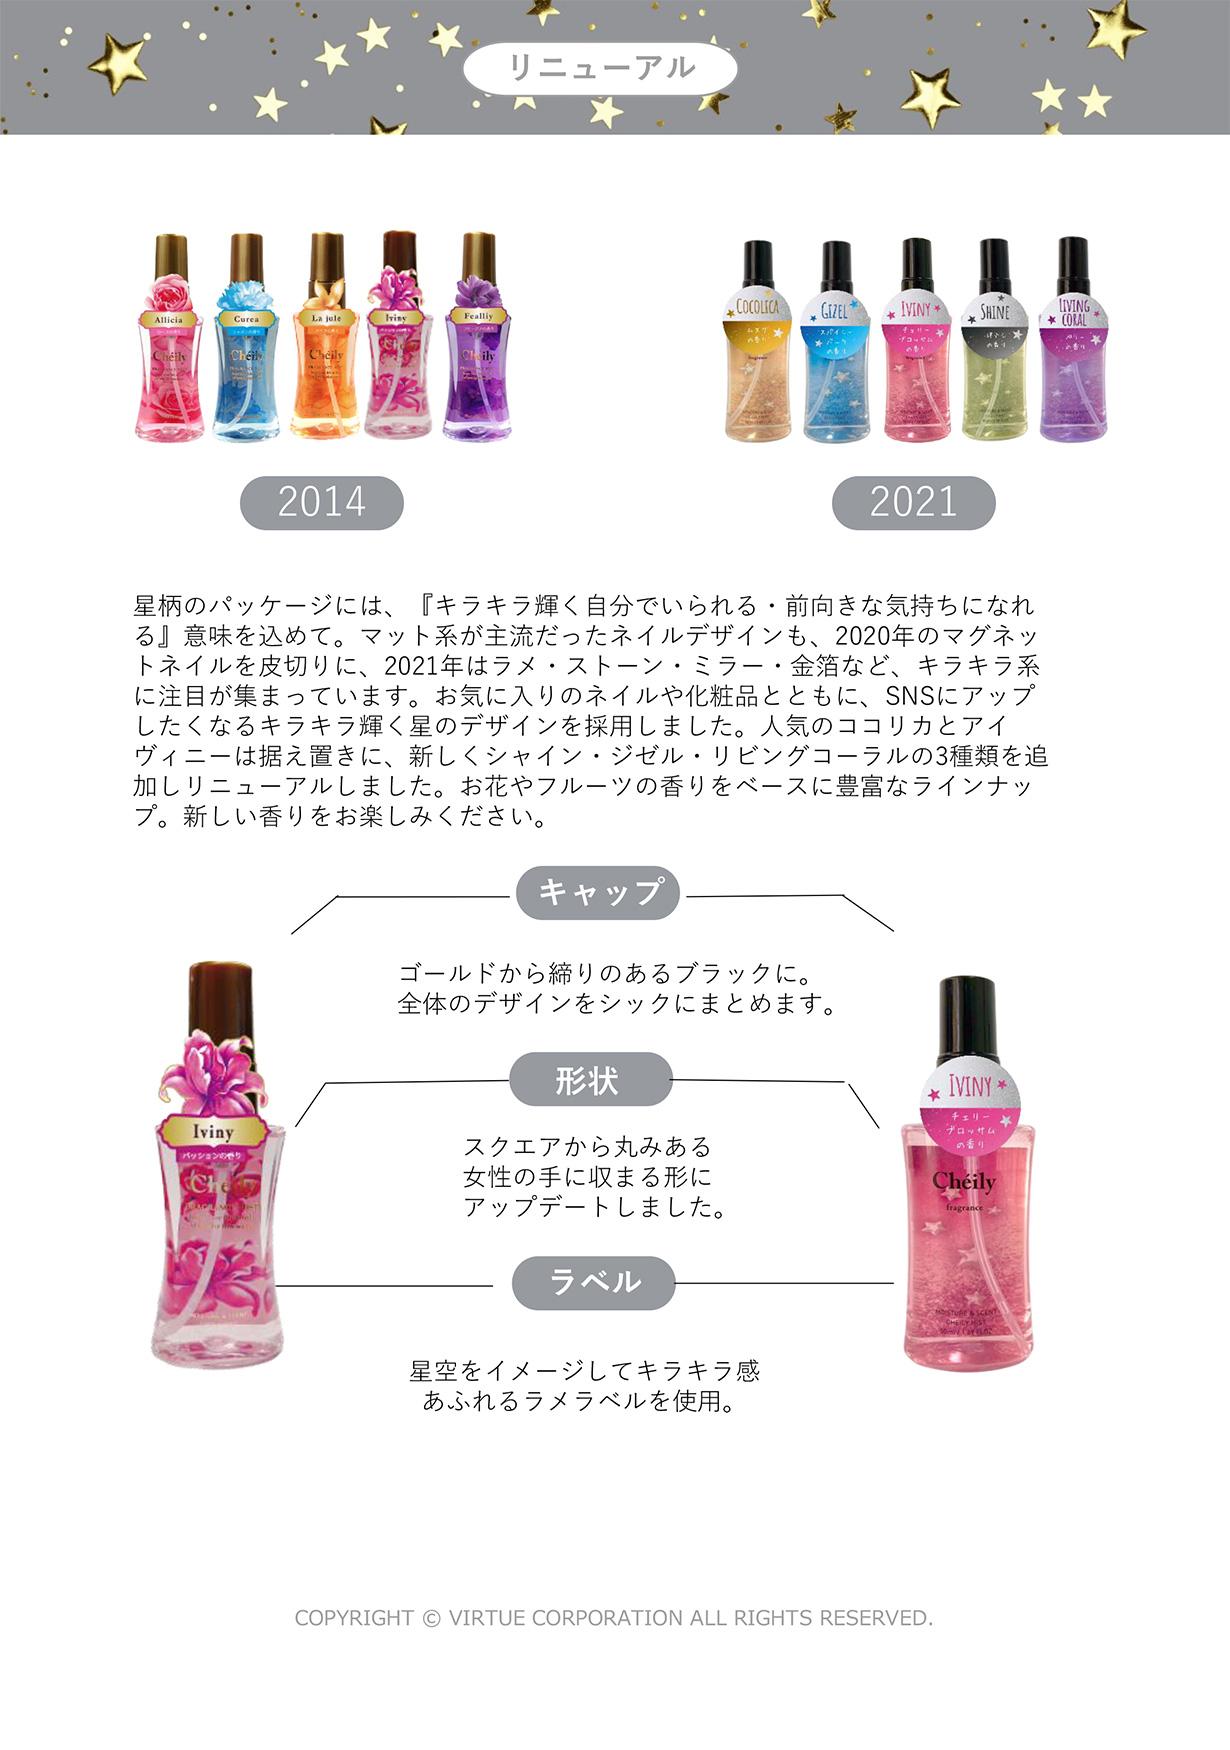 【規定書】シェイリー フレグランスミスト(1)